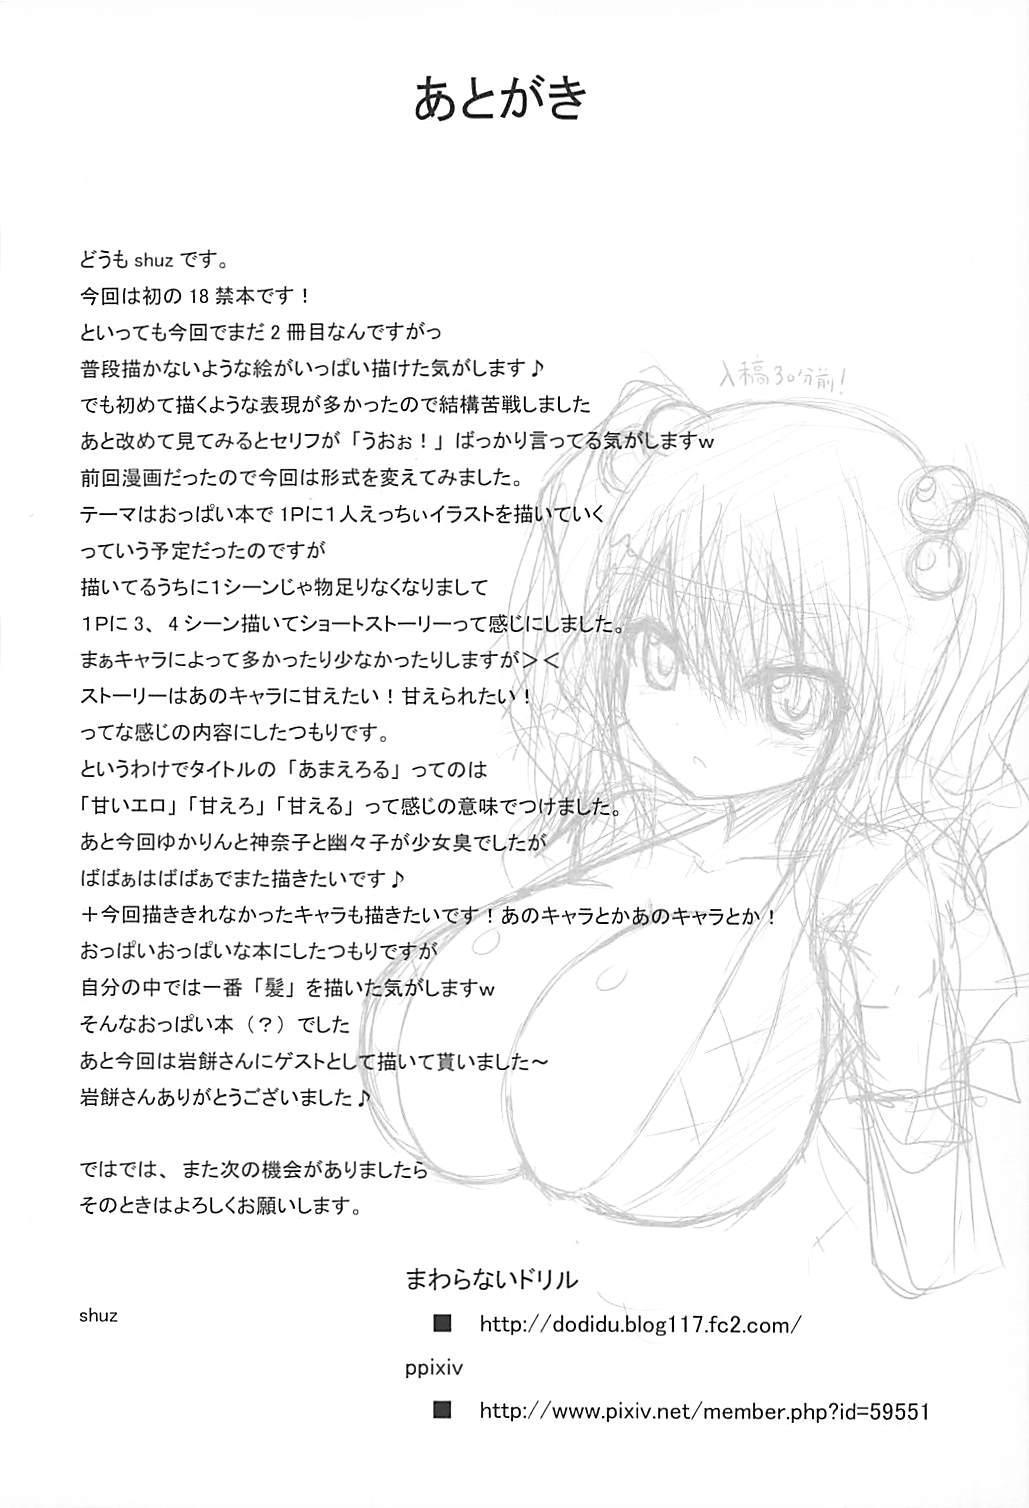 Ama Eroru Toaru Moriya Jinja no Ura Jijou 30